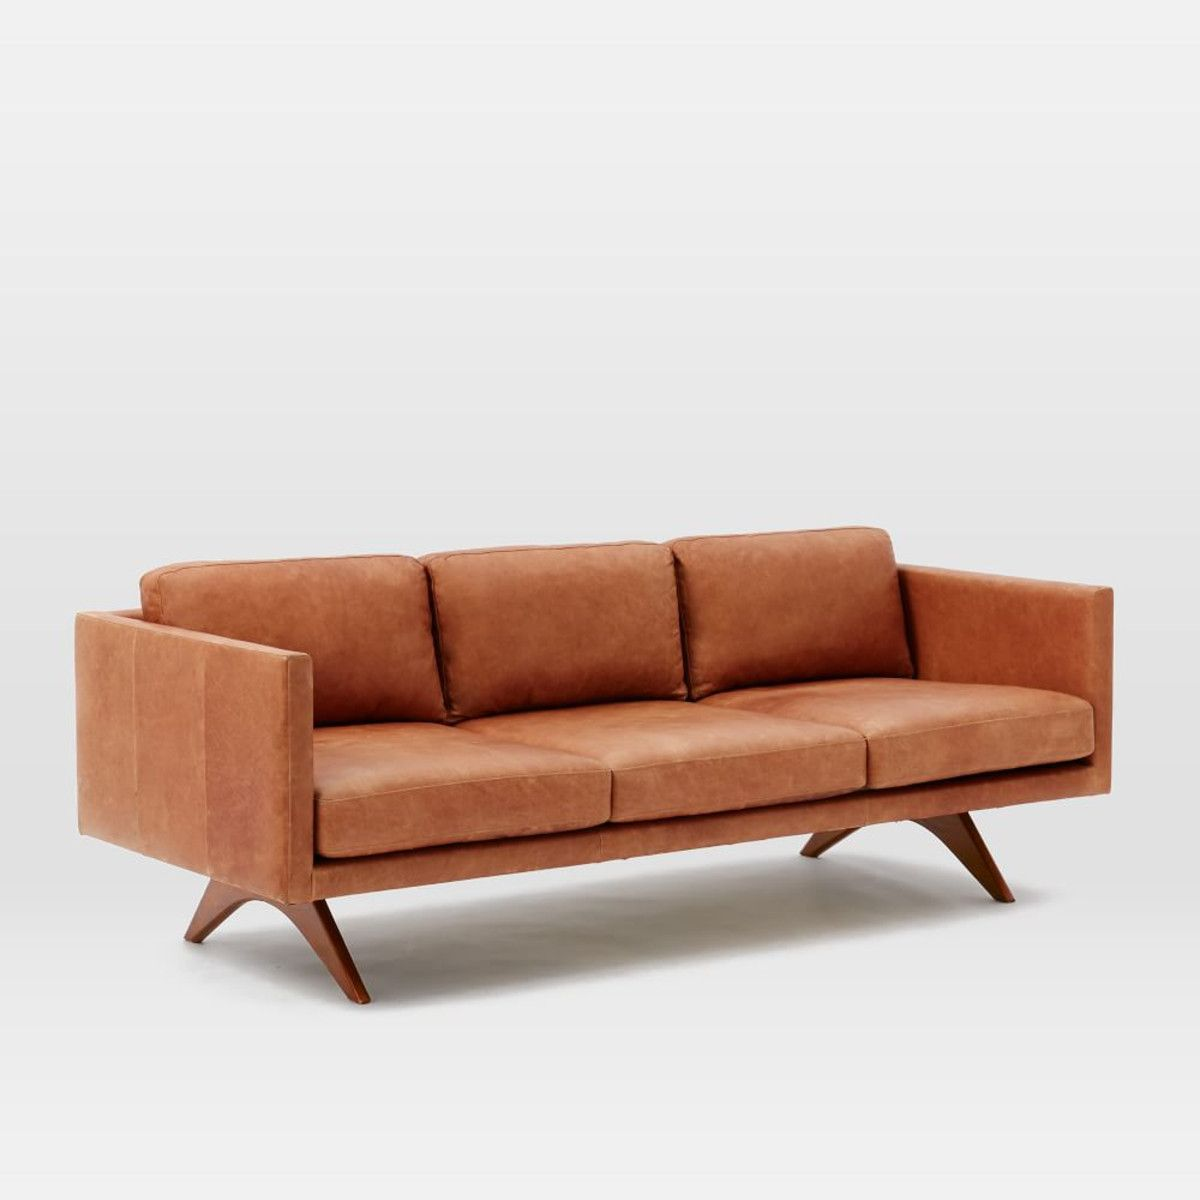 Delicieux Brooklyn Leather Sofa   Sienna | West Elm AU